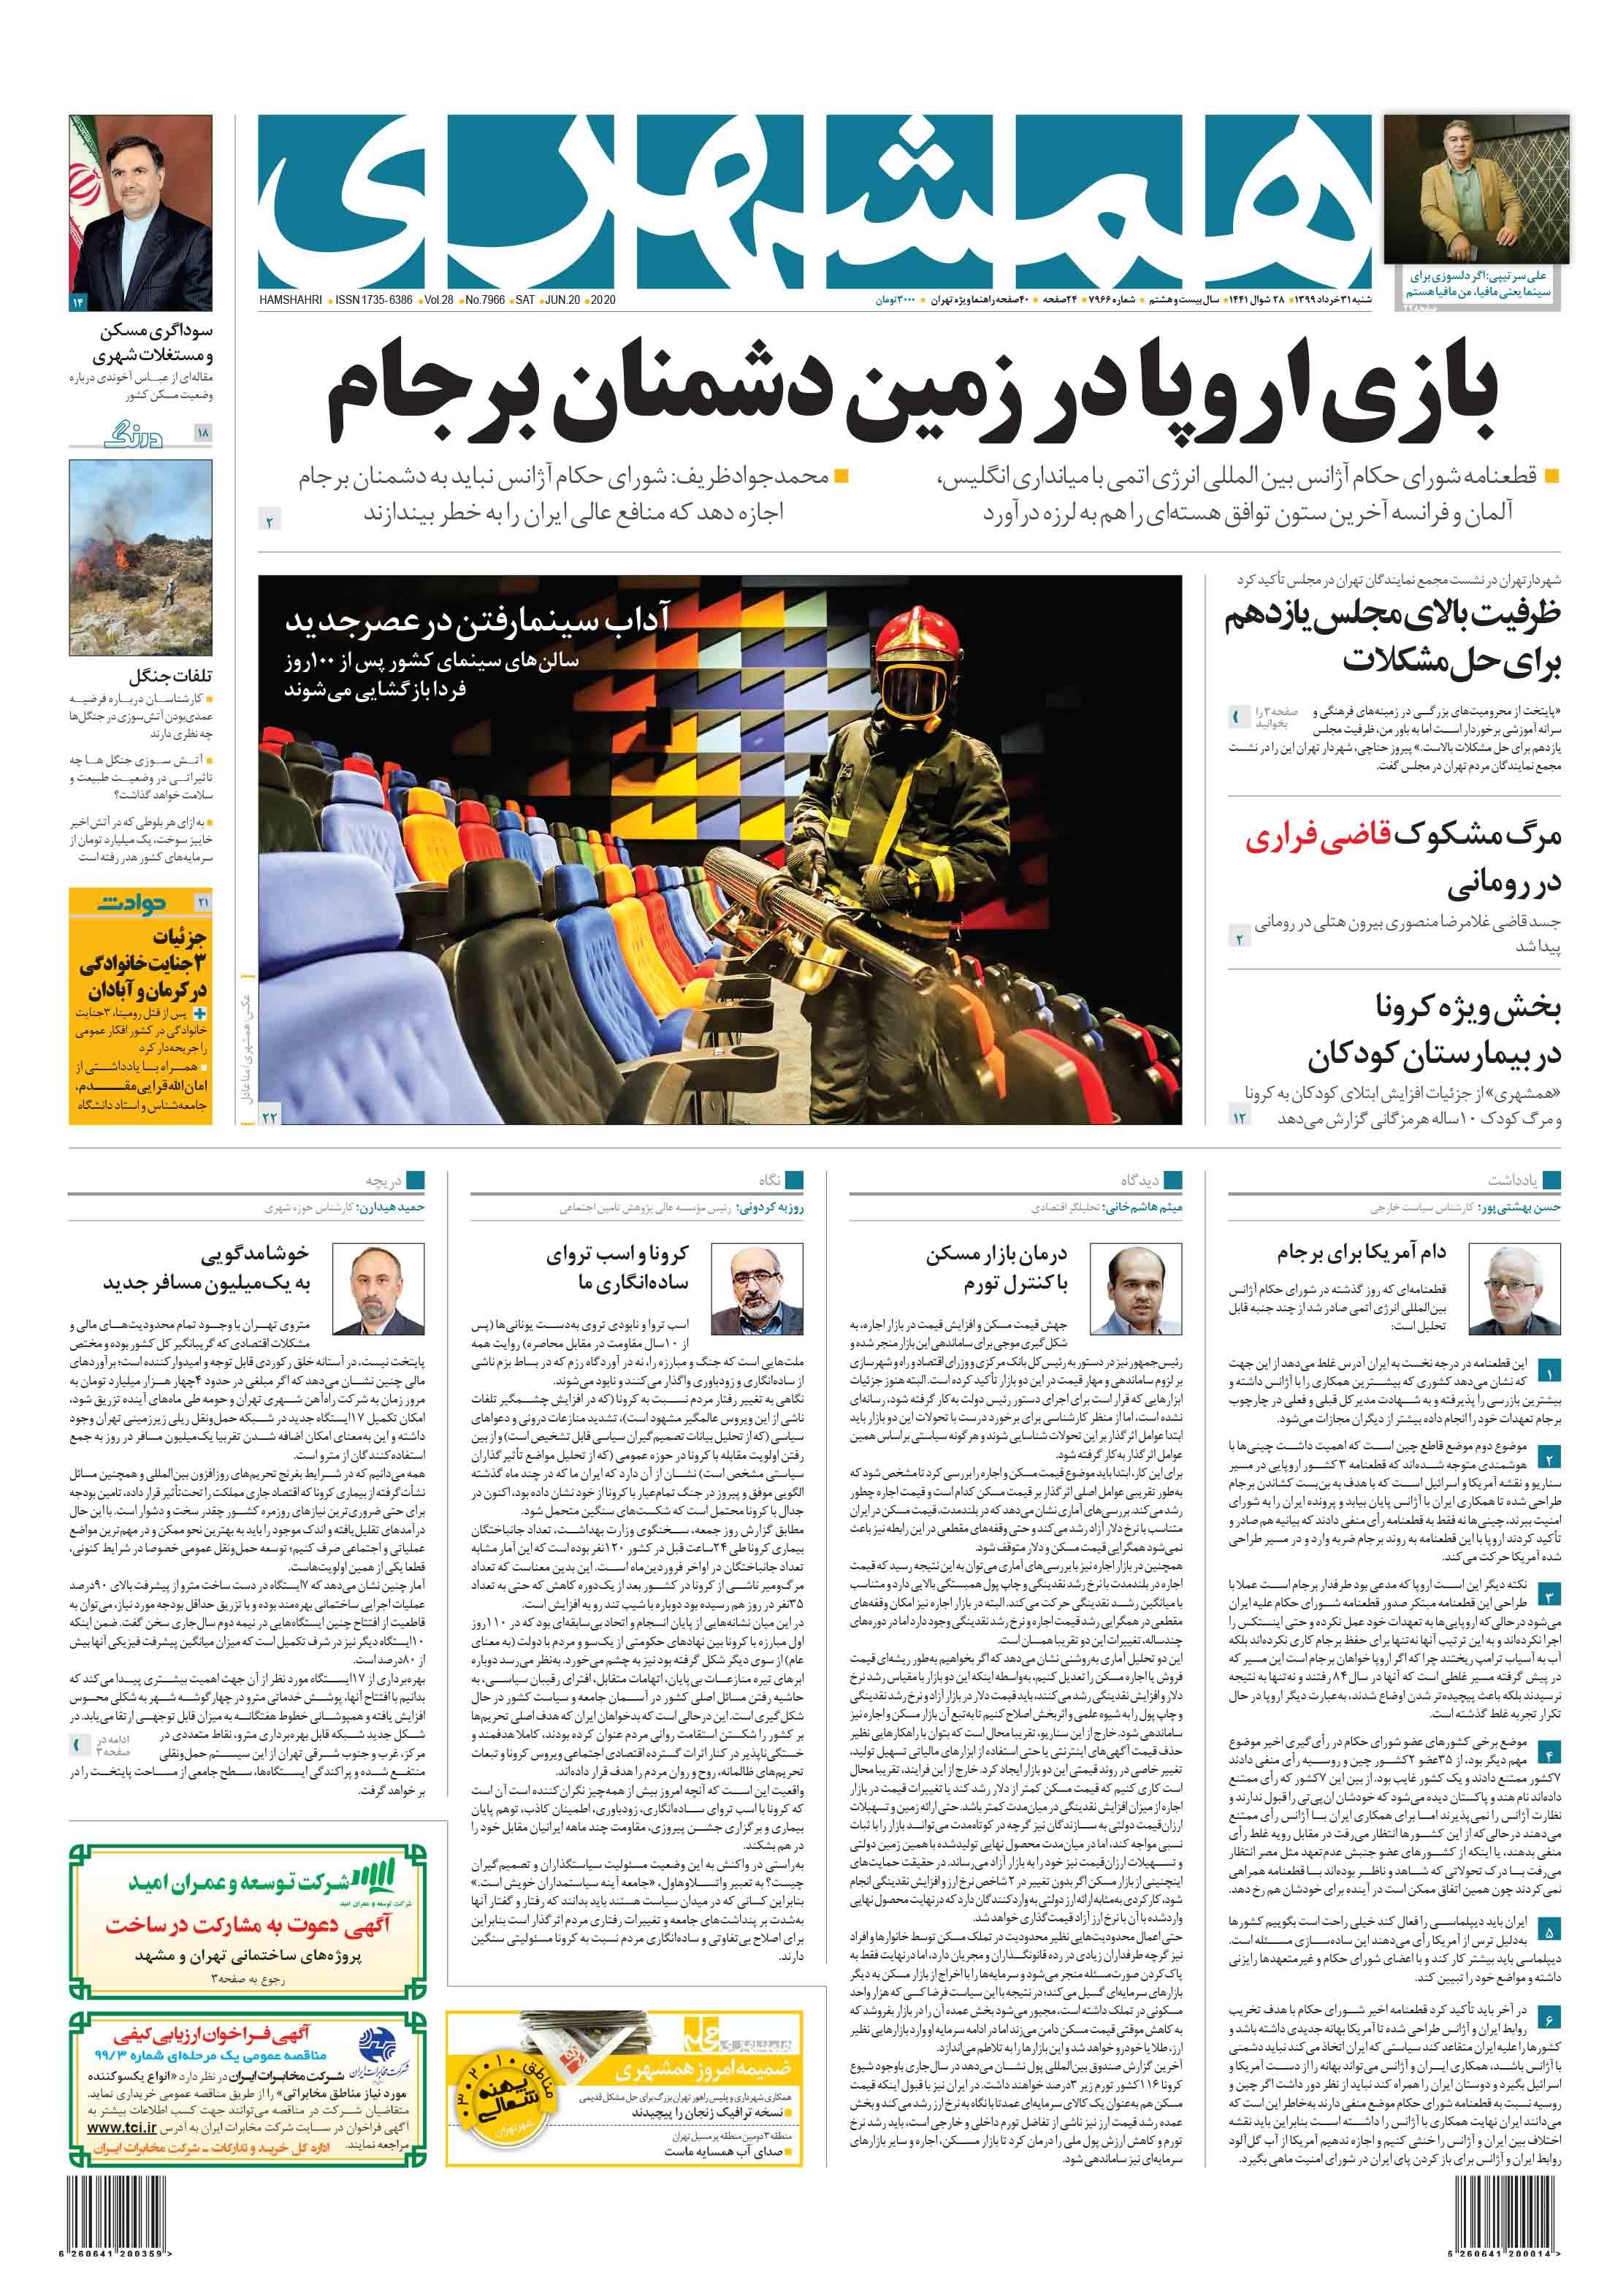 صفحه اول شنبه 31 خرداد 1399